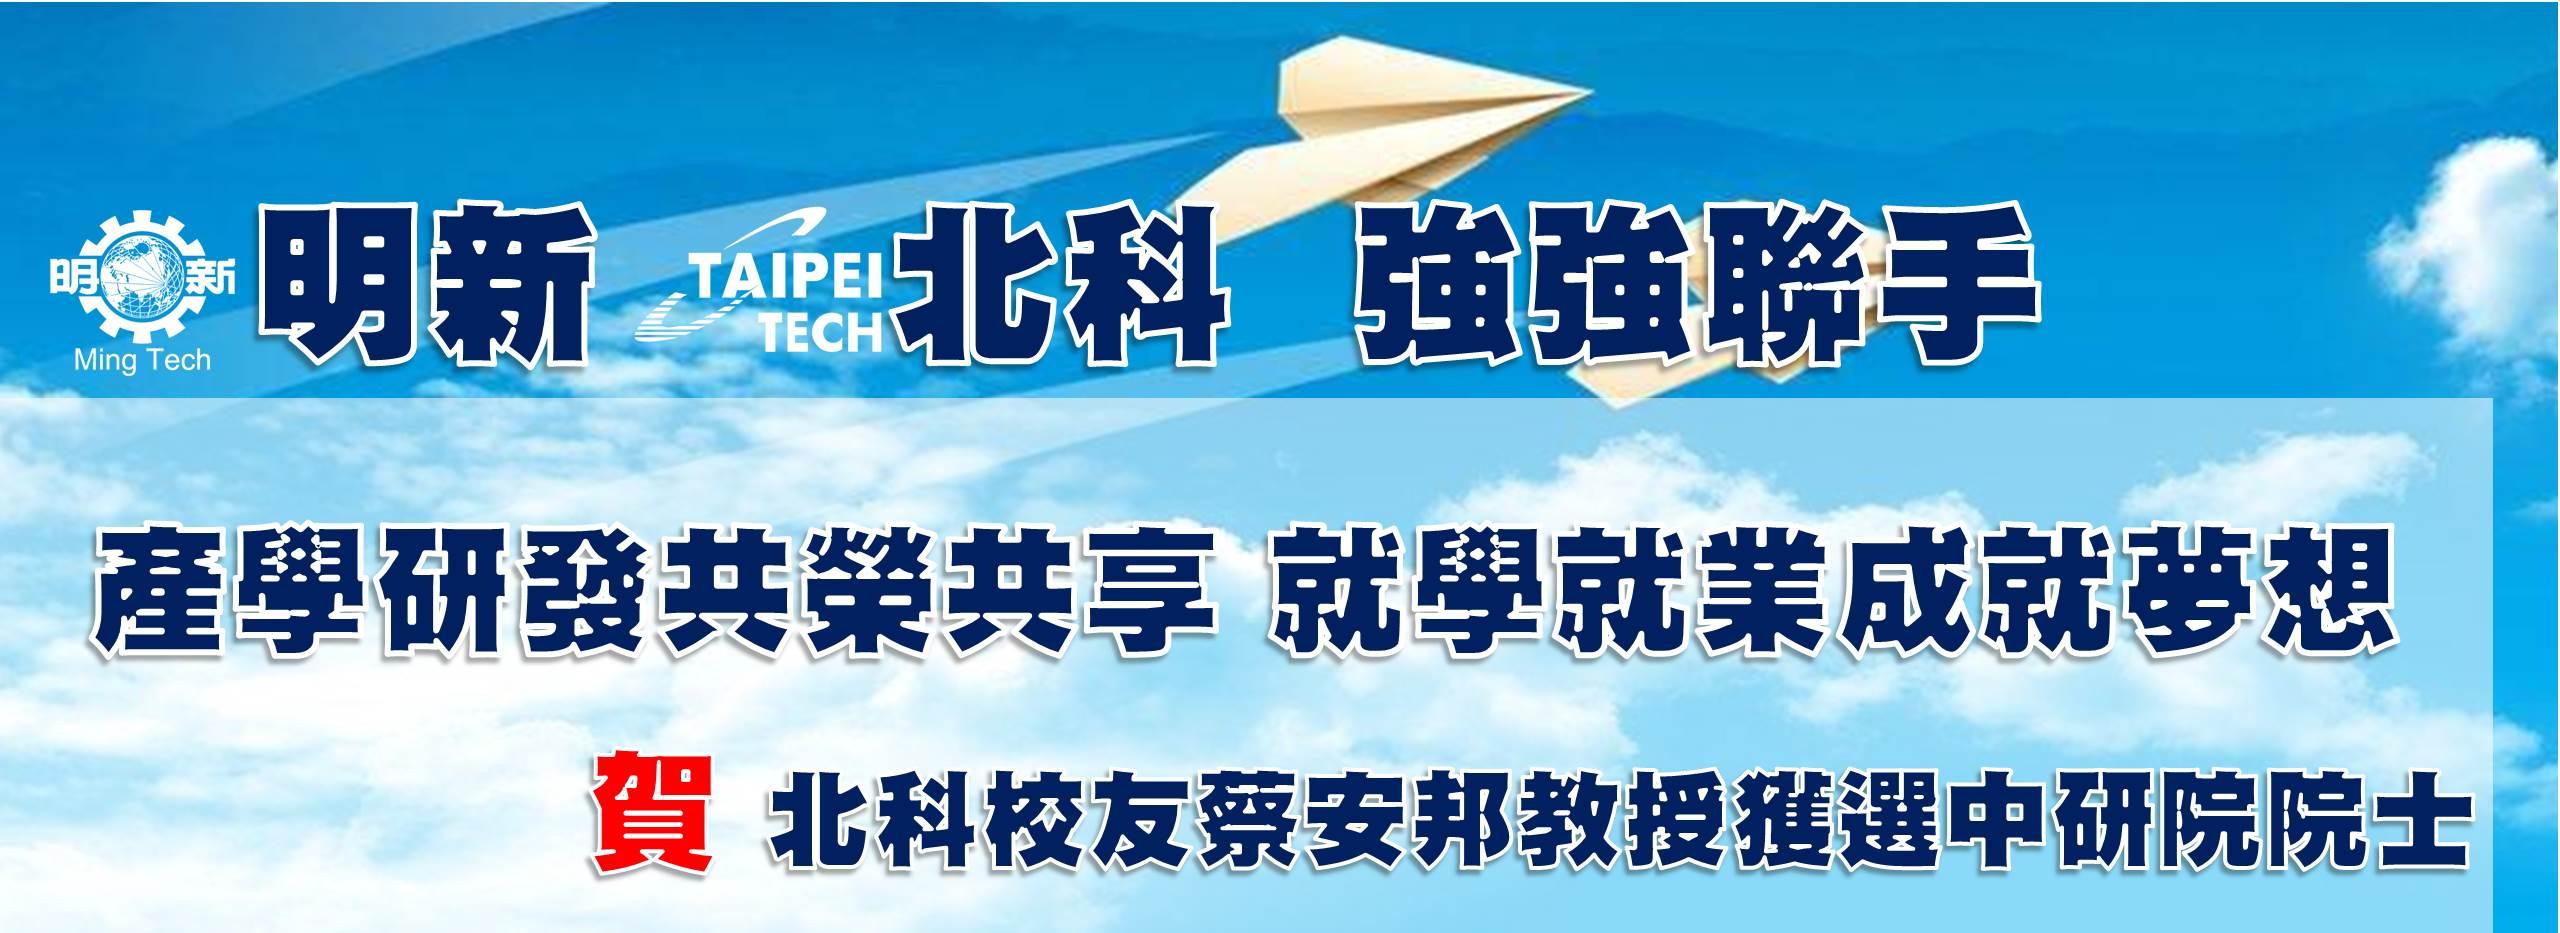 20180710 明新北科輪播圖